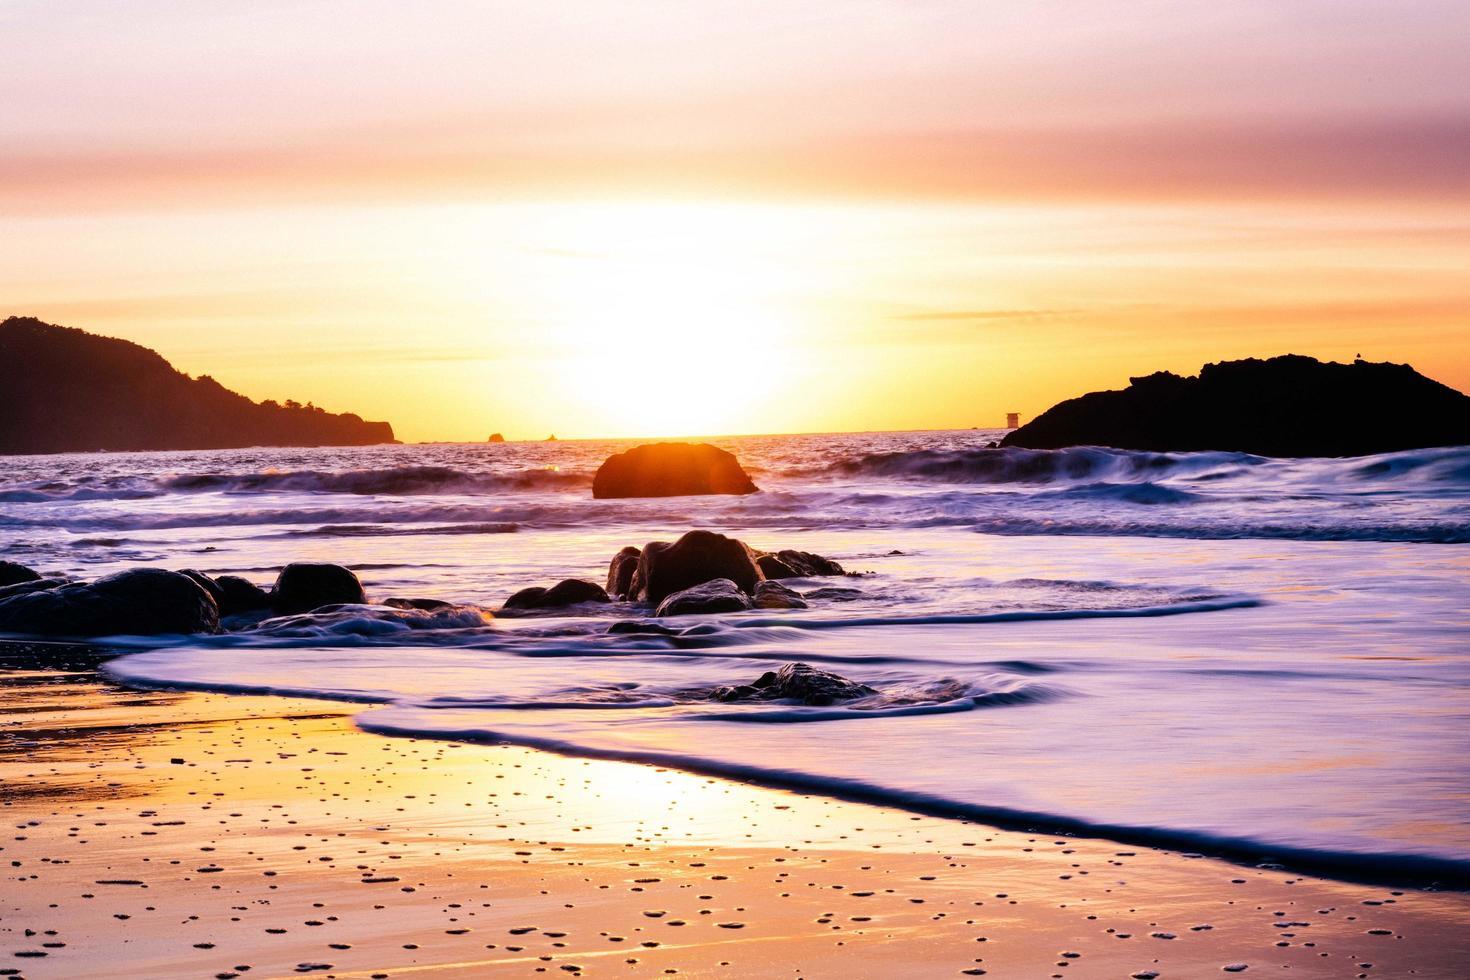 coucher de soleil sur l'horizon sur une plage photo